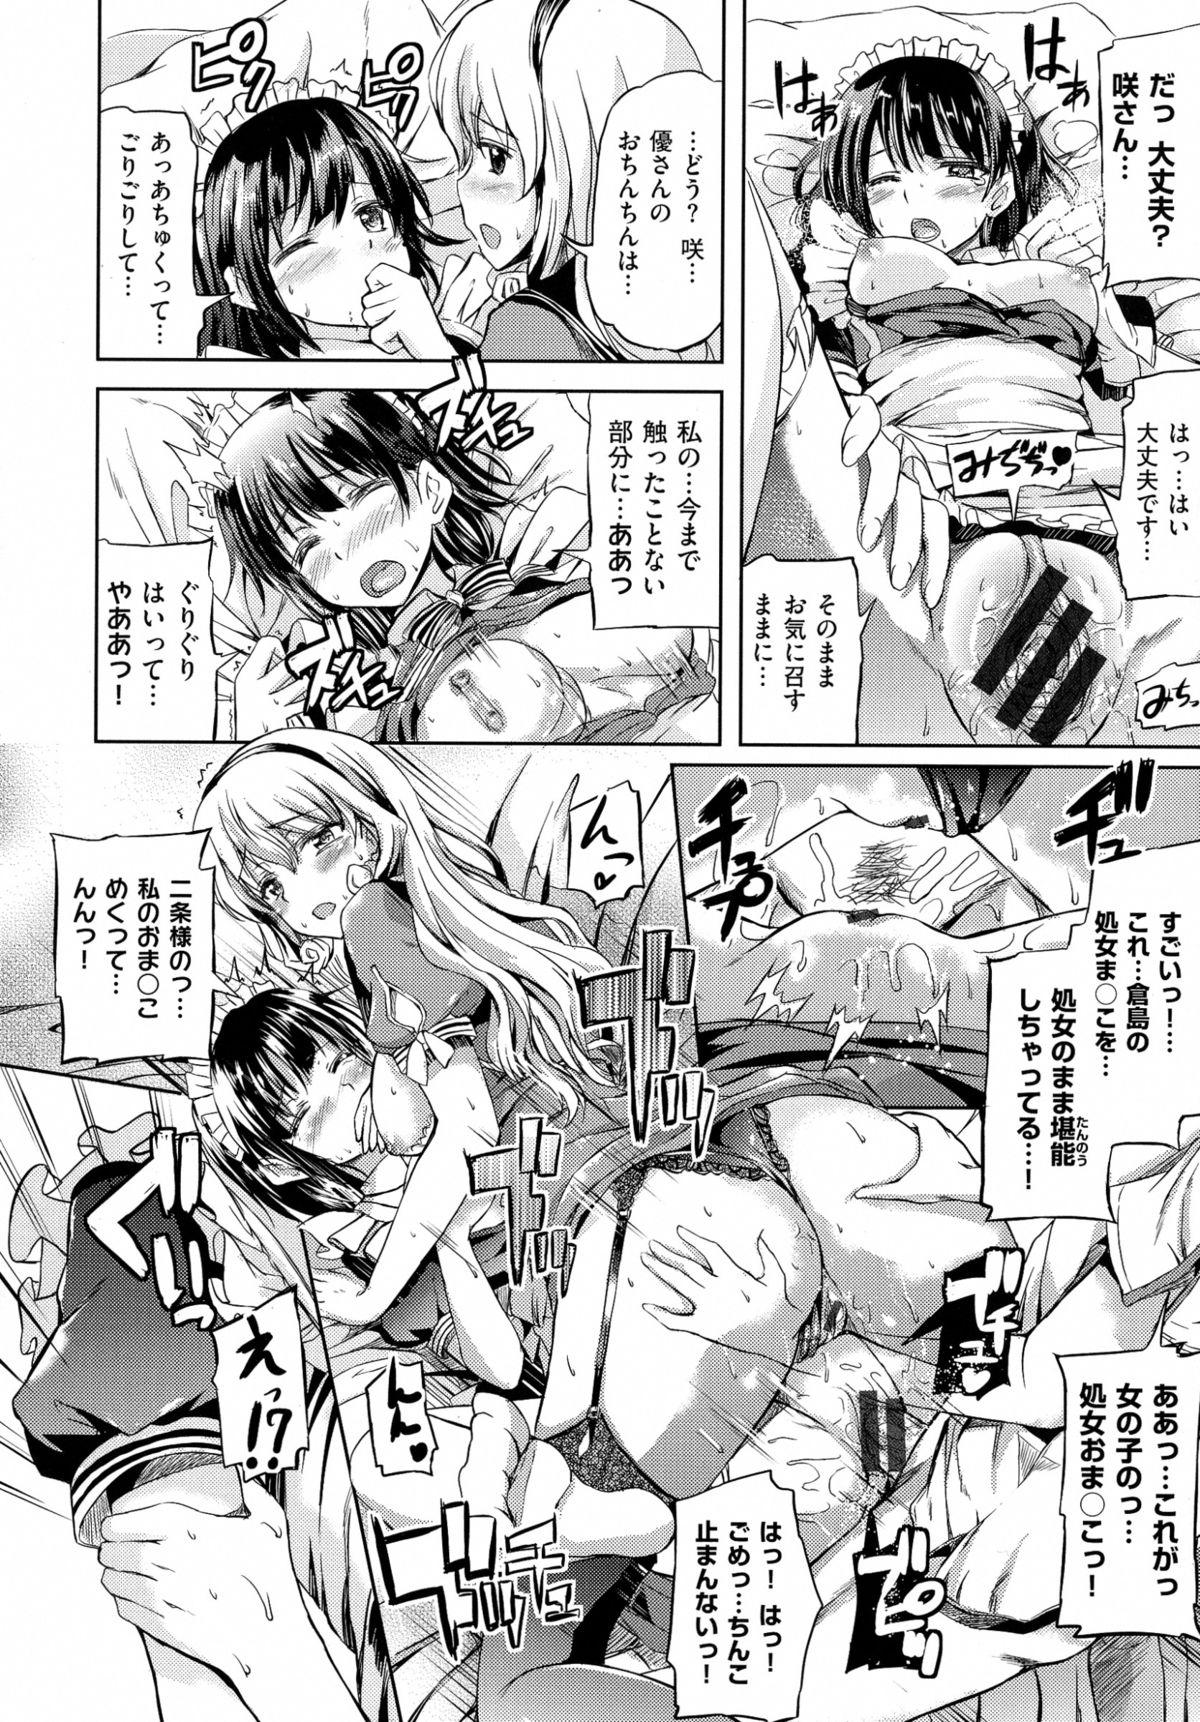 Ojou-sama no Maid Jijou 176